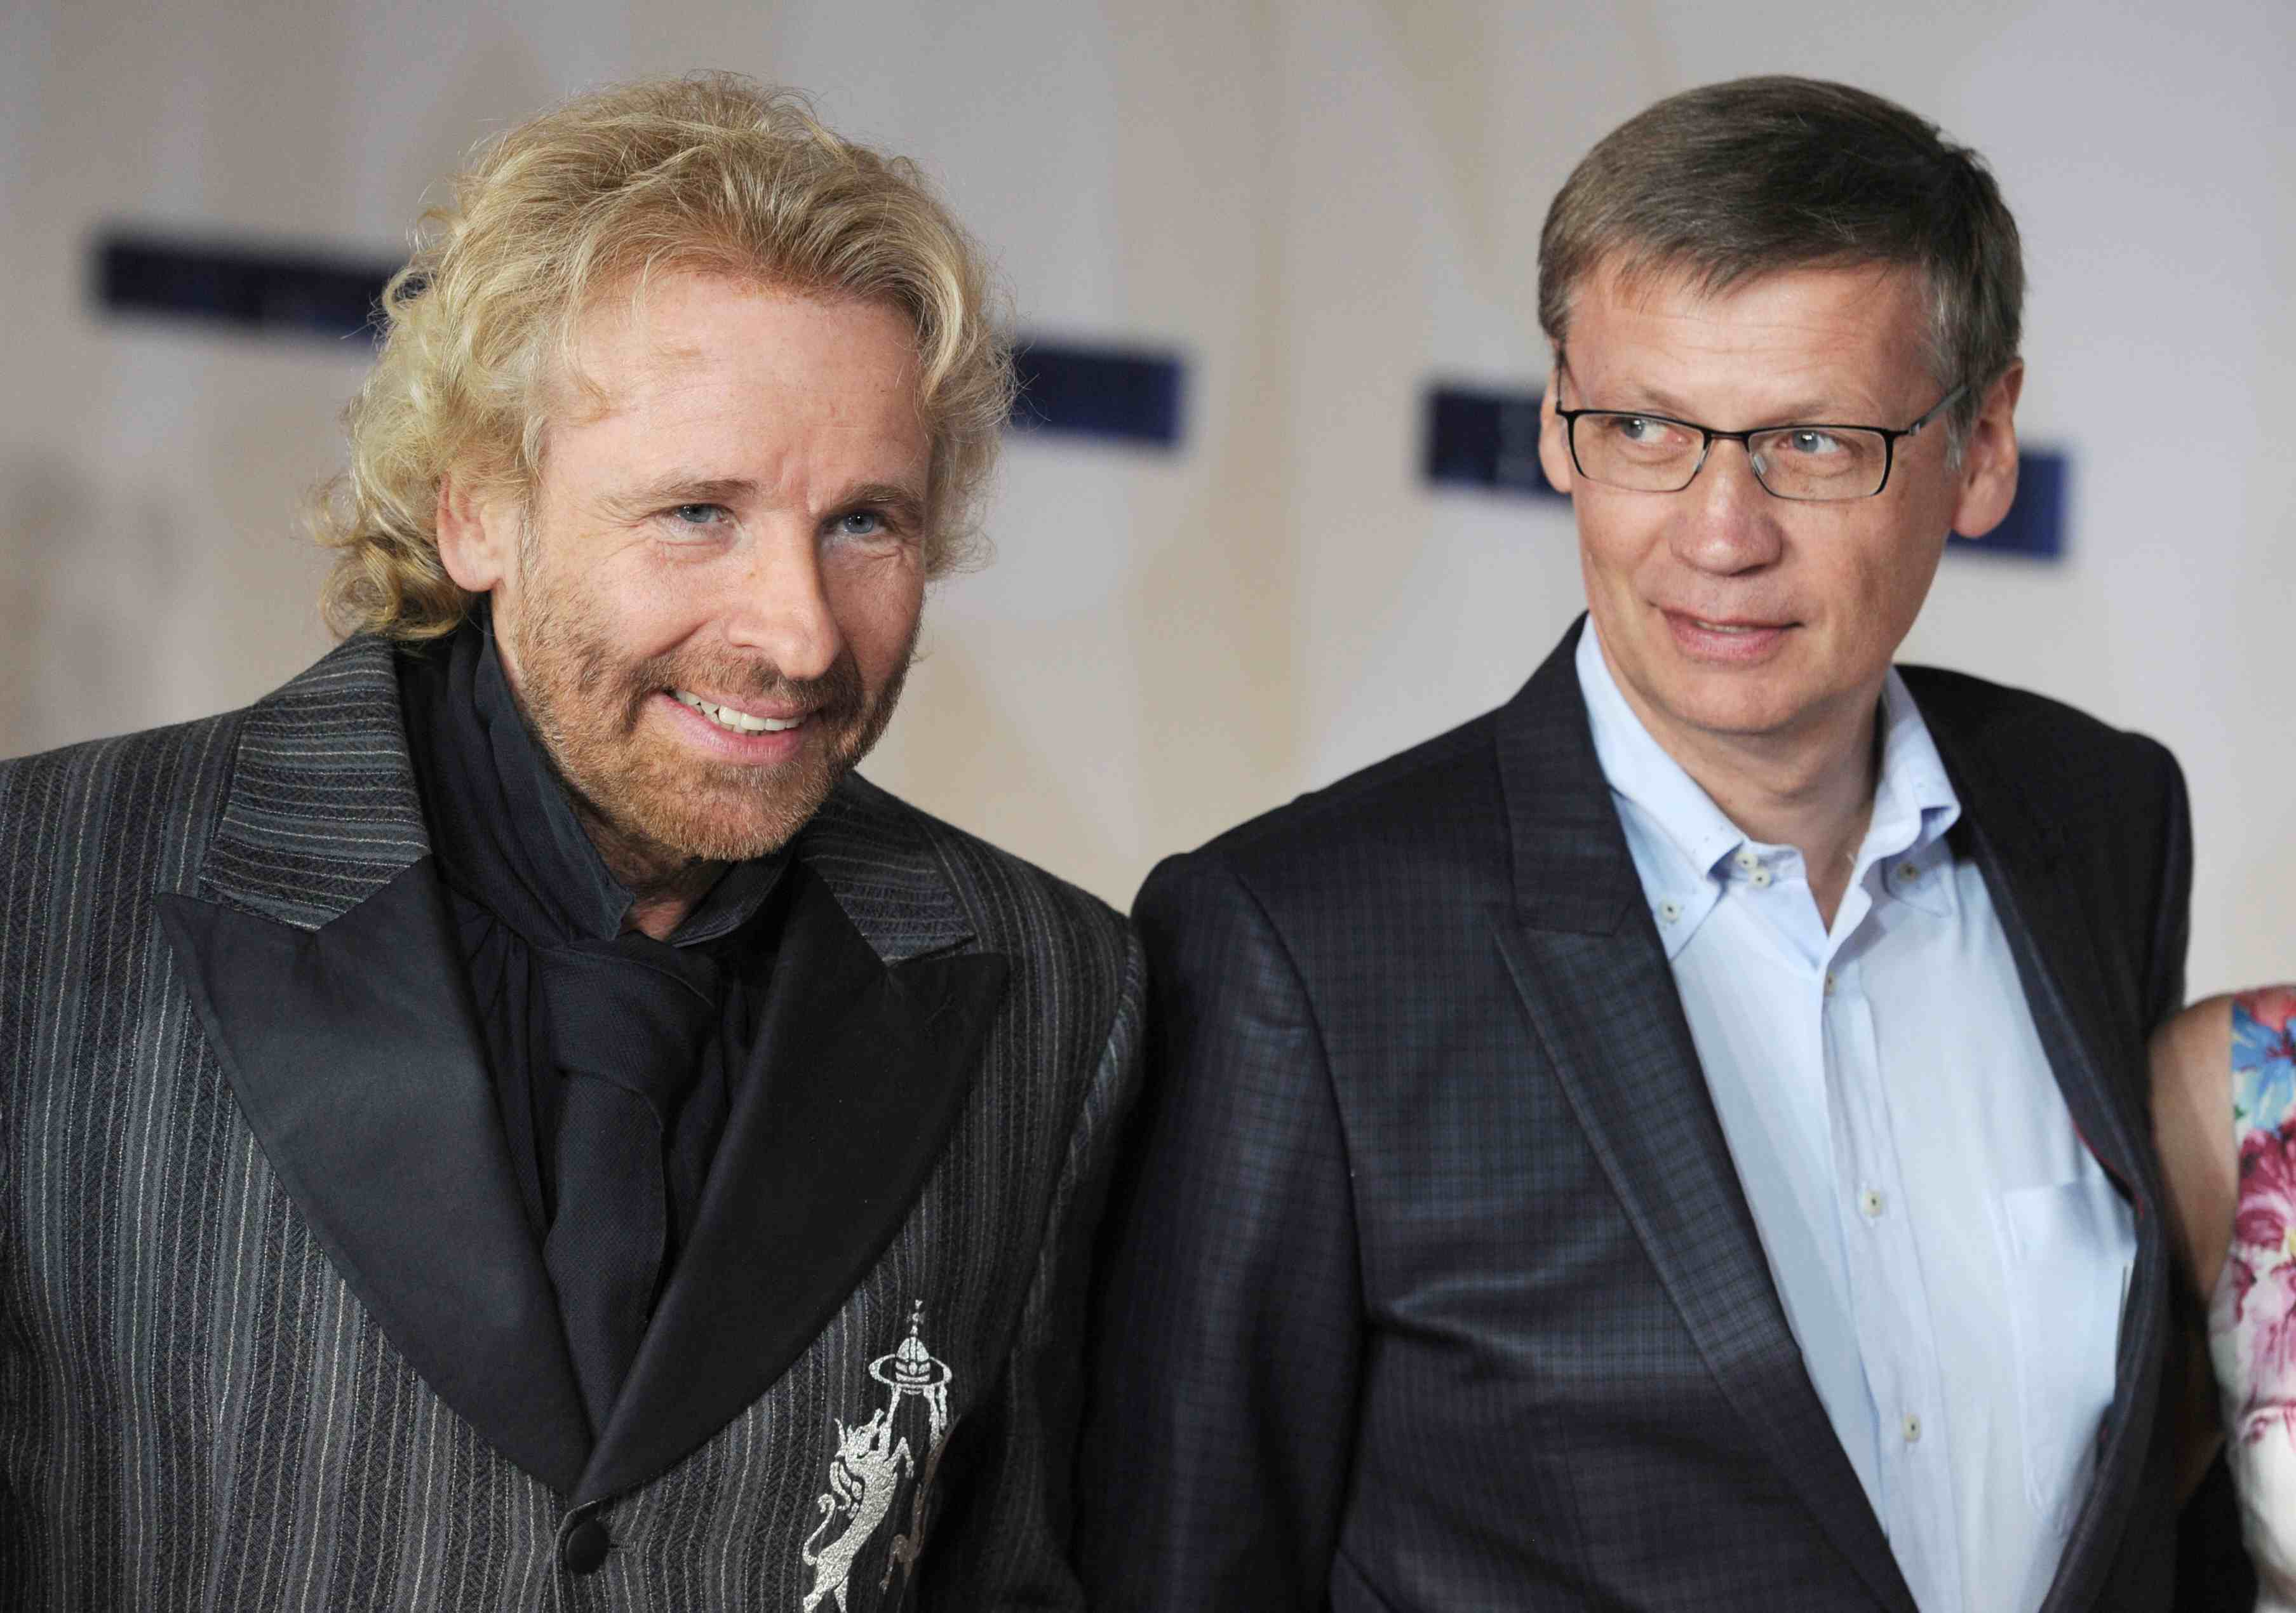 Thomas Gottschalk und Günther Jauch - eine Freundschaft über alle Hindernisse der Medienwelt hinaus